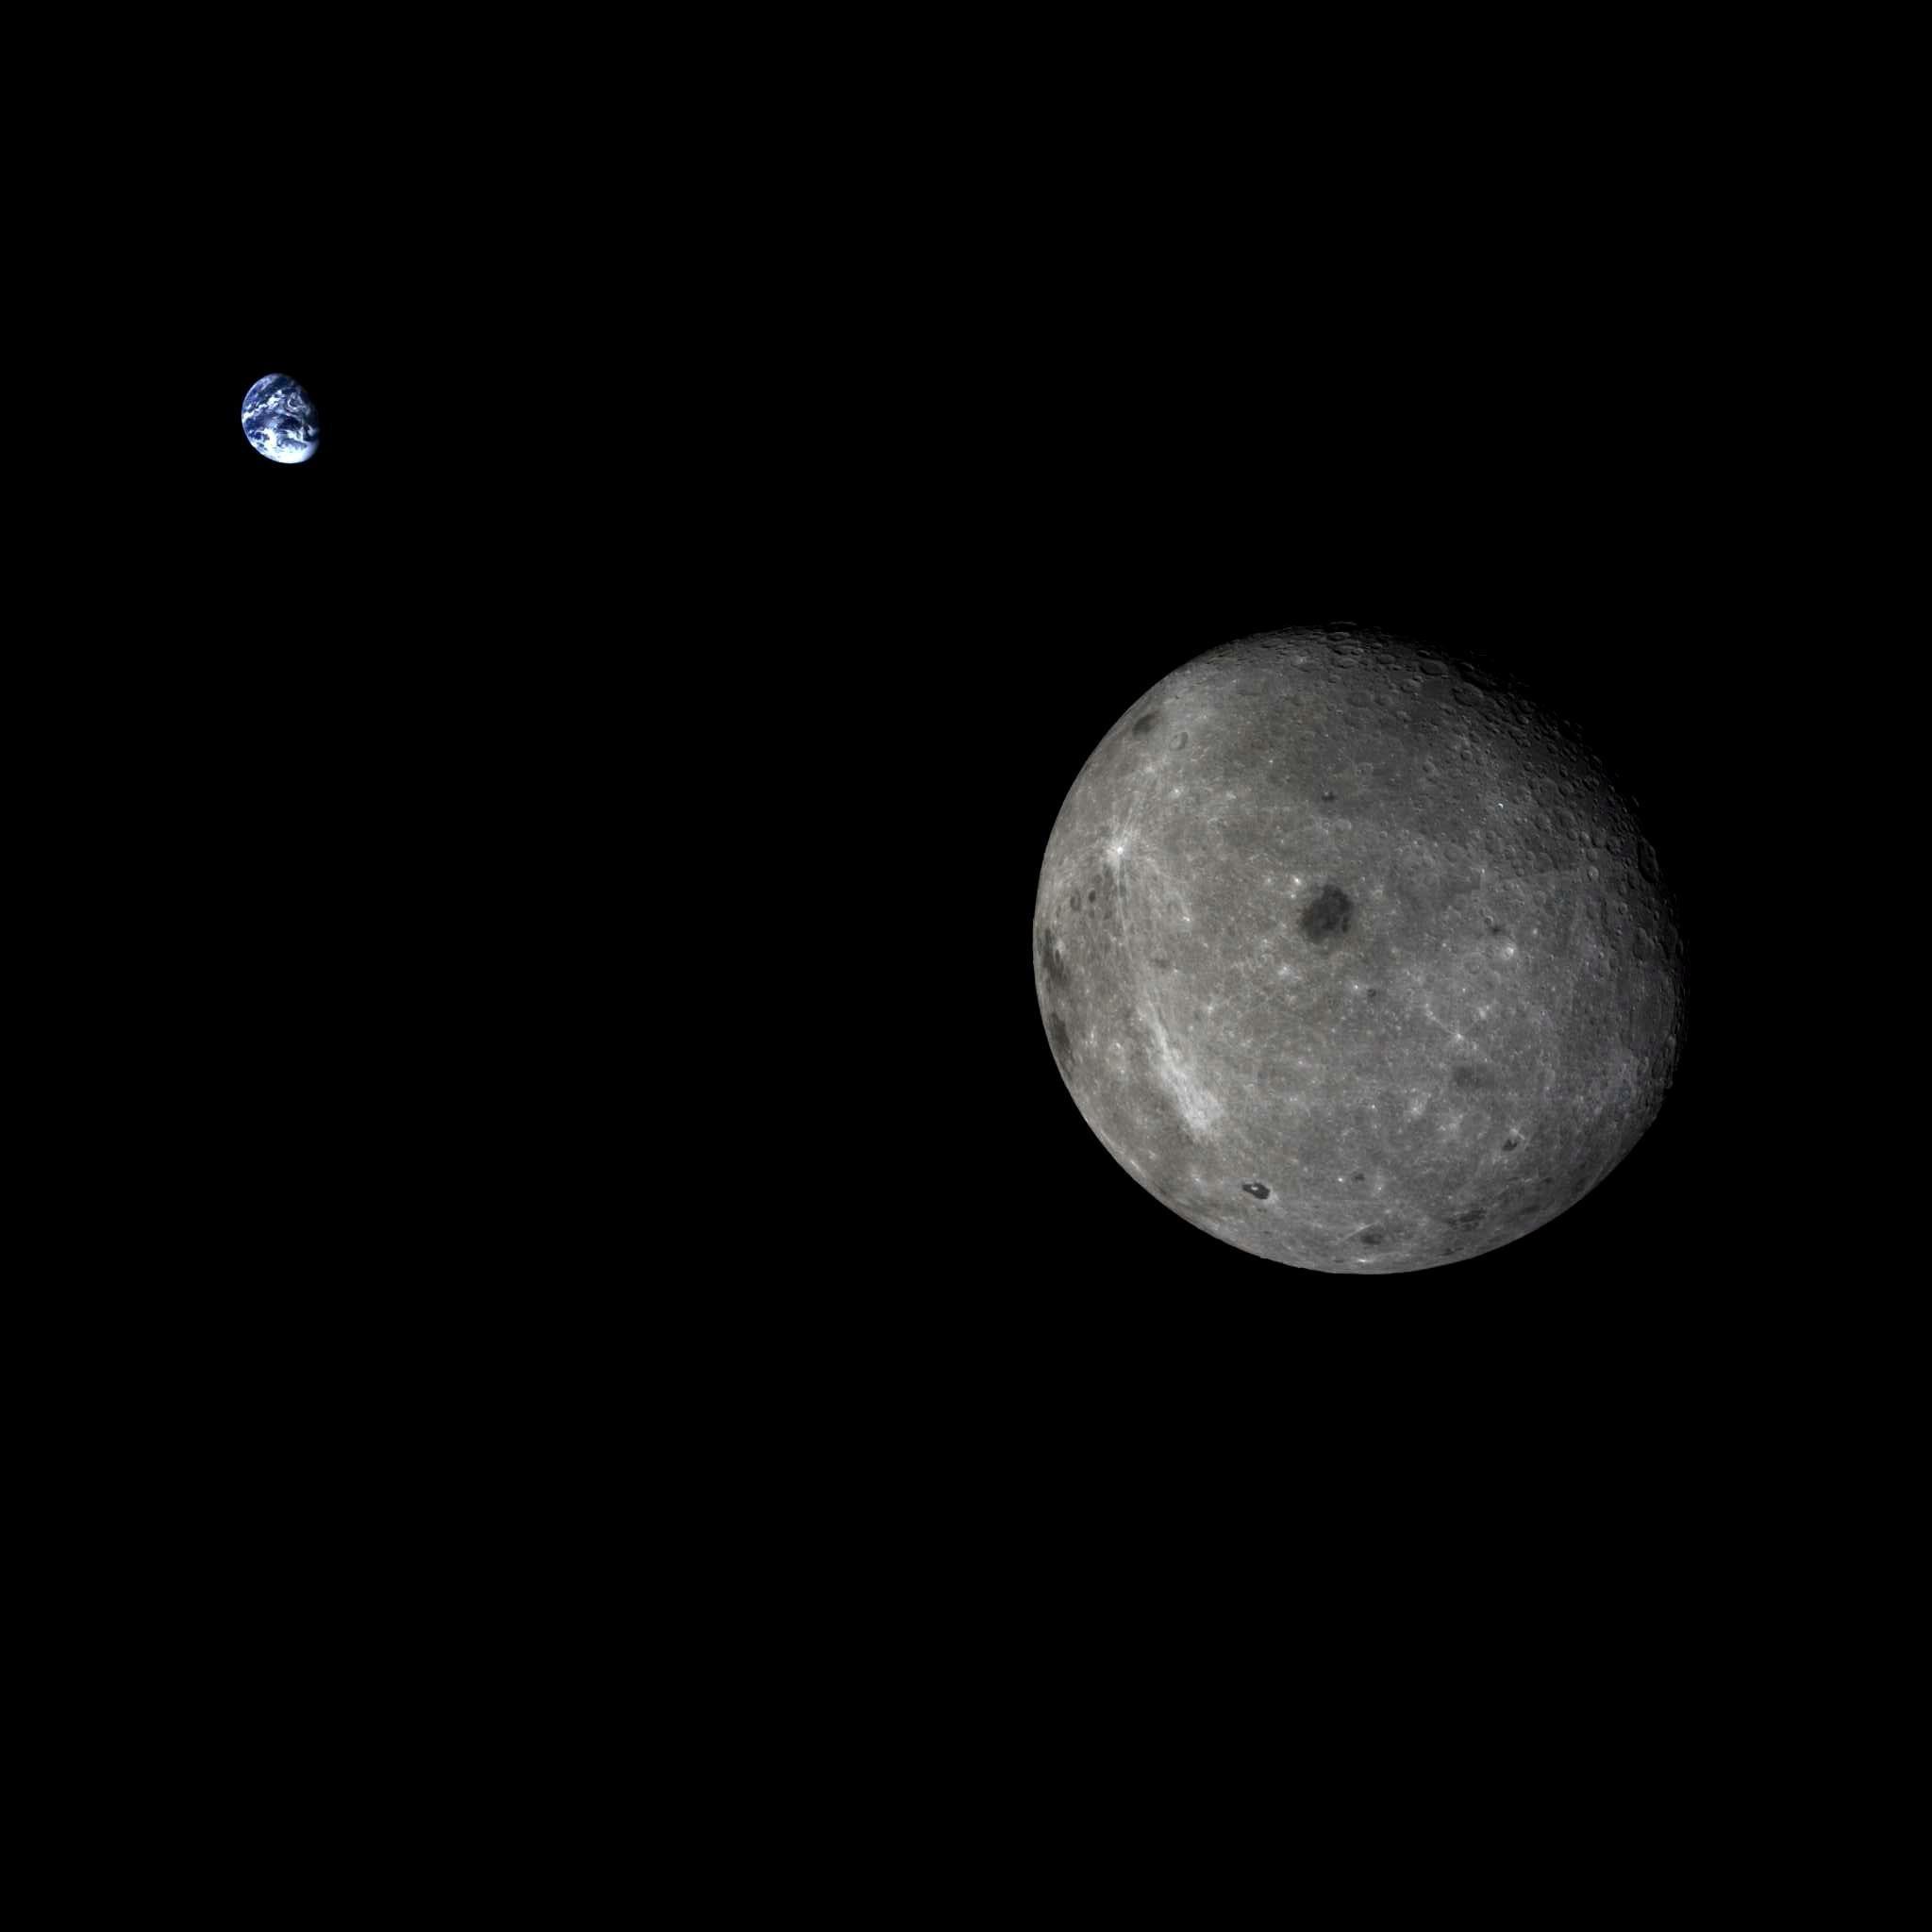 La Terre et la face cachée de la Lune dans une même photo : http://goo.gl/dmsBeo